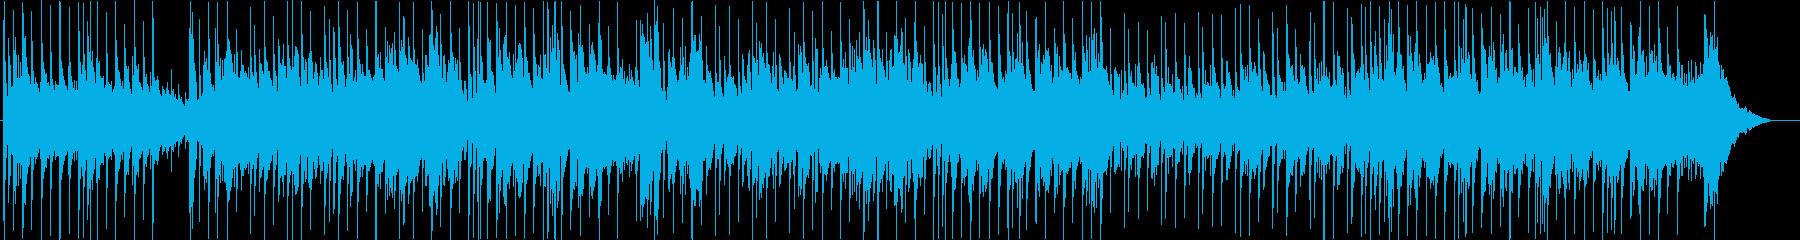 夏の夕暮れの海岸 アコギフュージョンの再生済みの波形